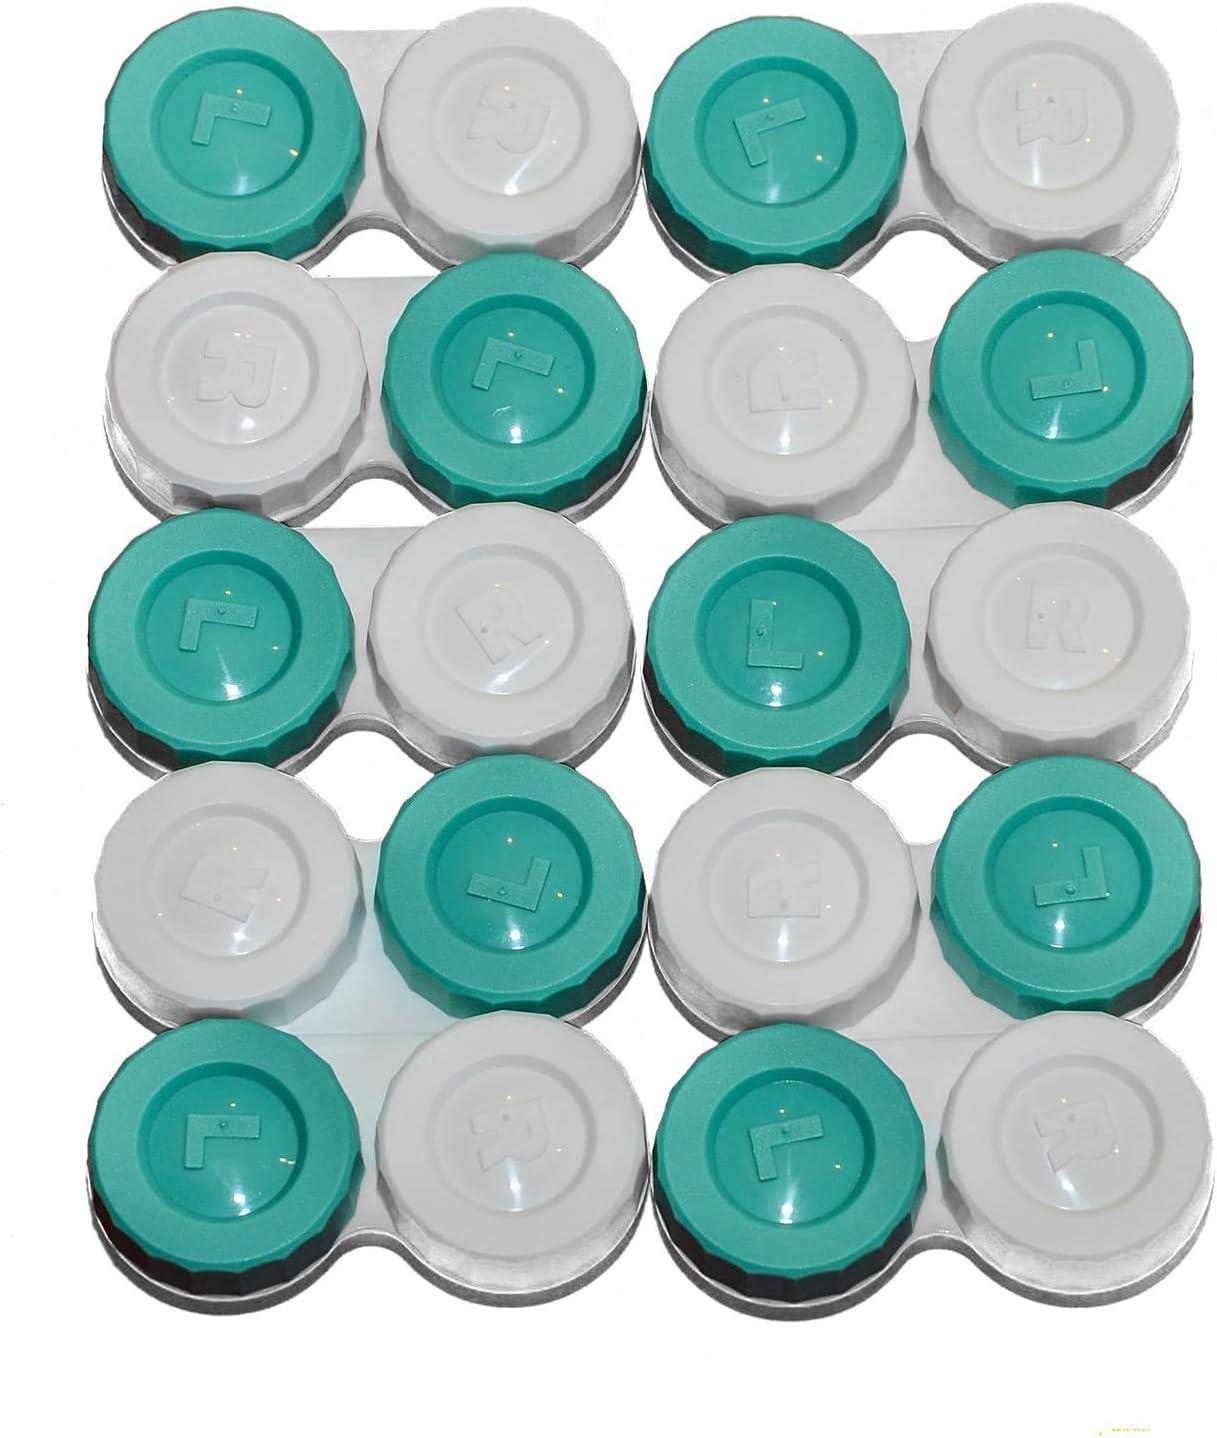 Sports Vision - Fundas para lentes de contacto, 10 unidades, diseño plano de rosca, fabricado en el Reino Unido, marca R & L: Amazon.es: Deportes y aire libre